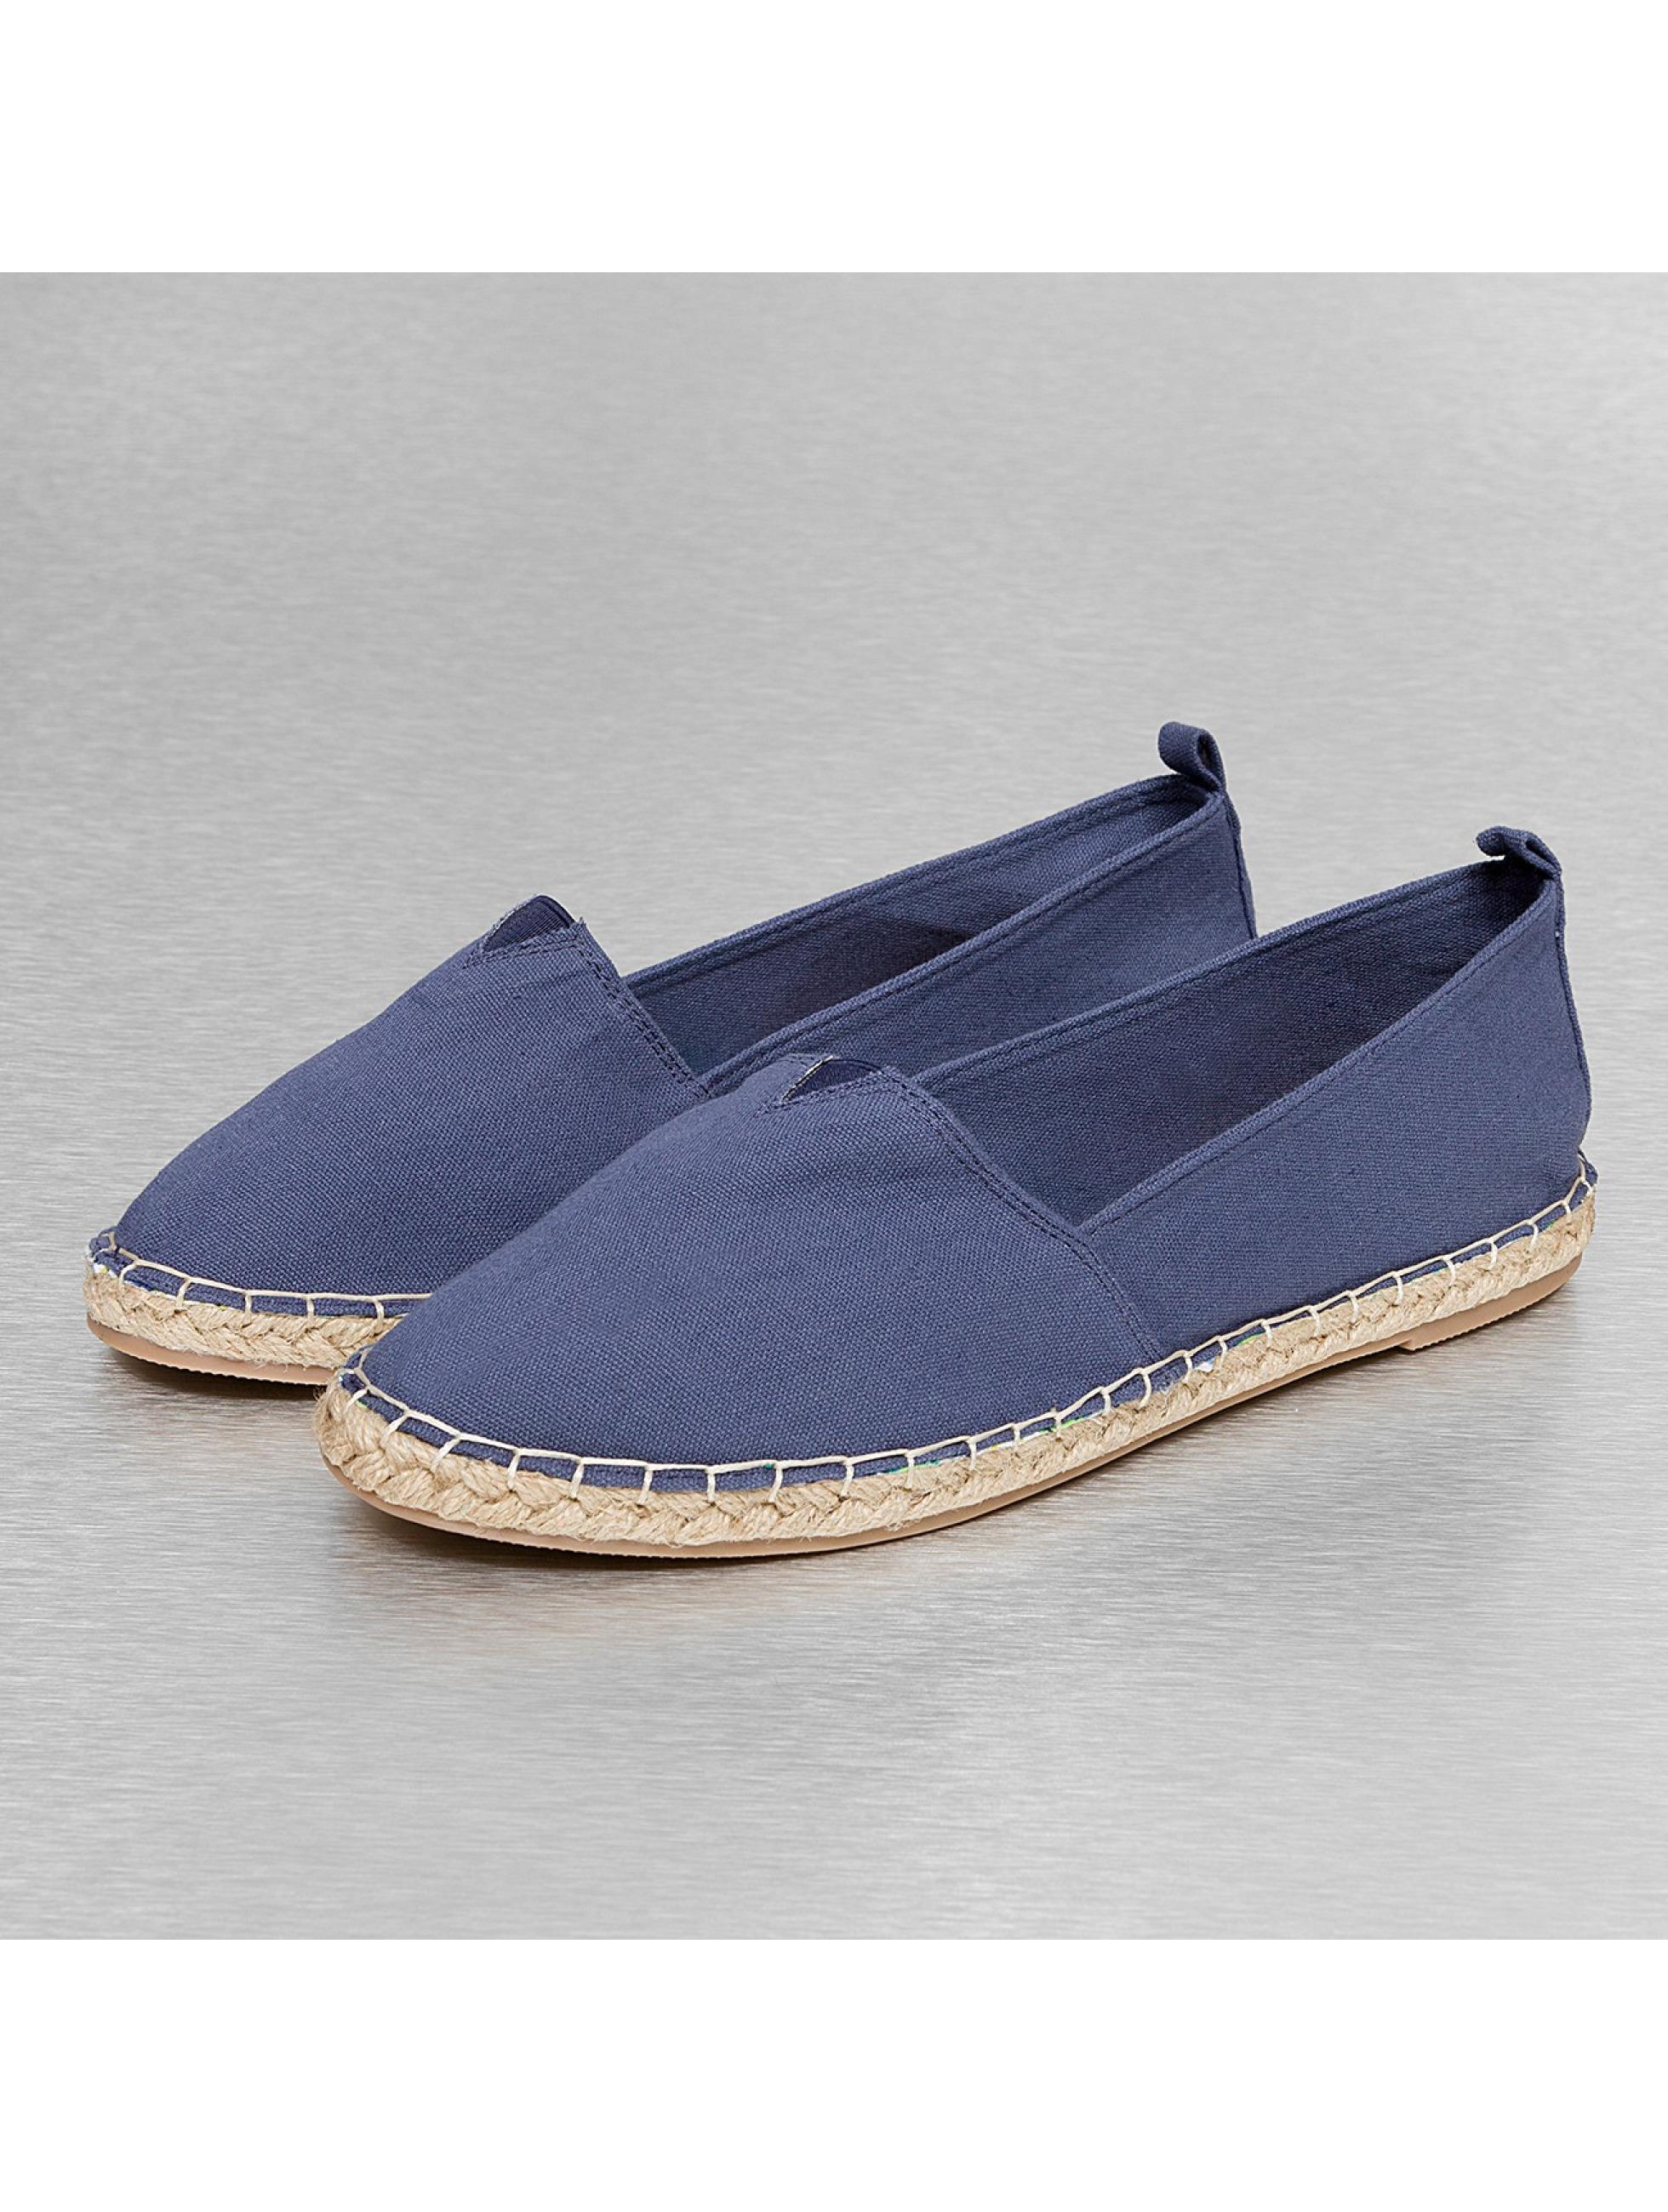 Jumex Chaussures / Ballerine Summer en bleu